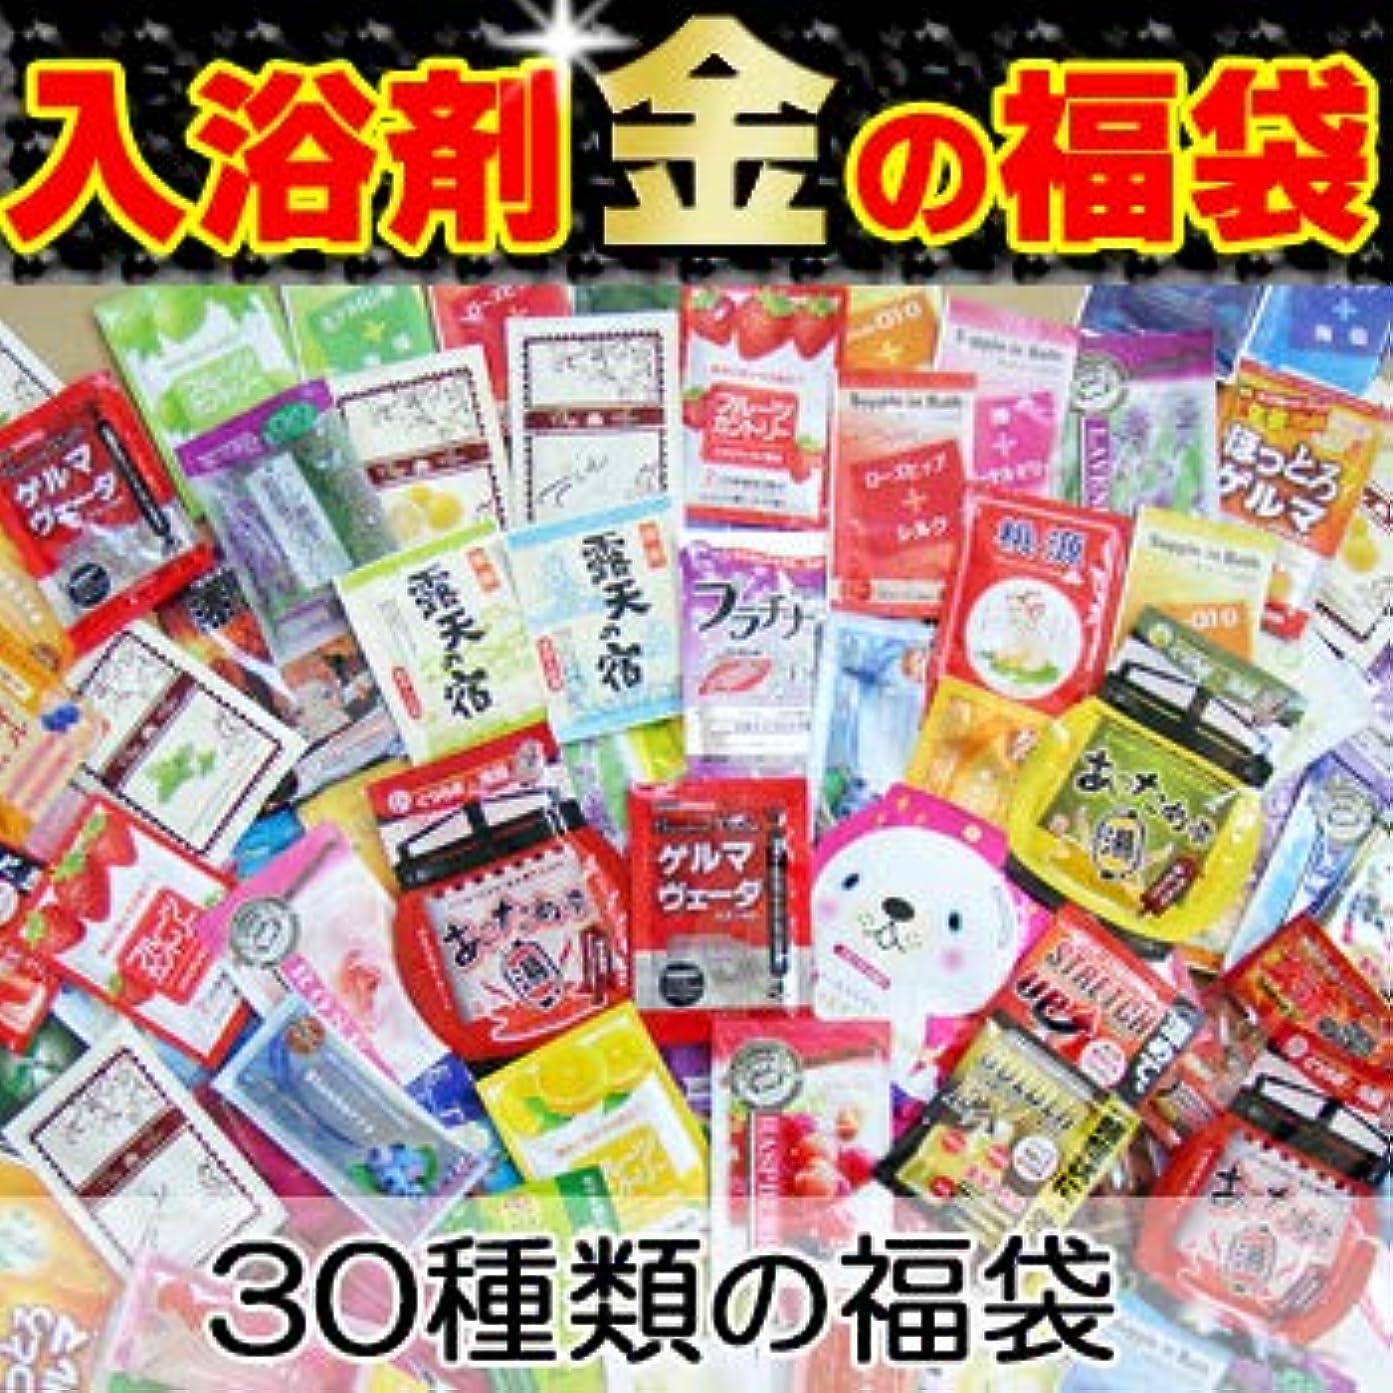 長さ優しさドットお試し入浴剤 金の福袋30種類!30日分 入浴剤福袋 安心の日本製!